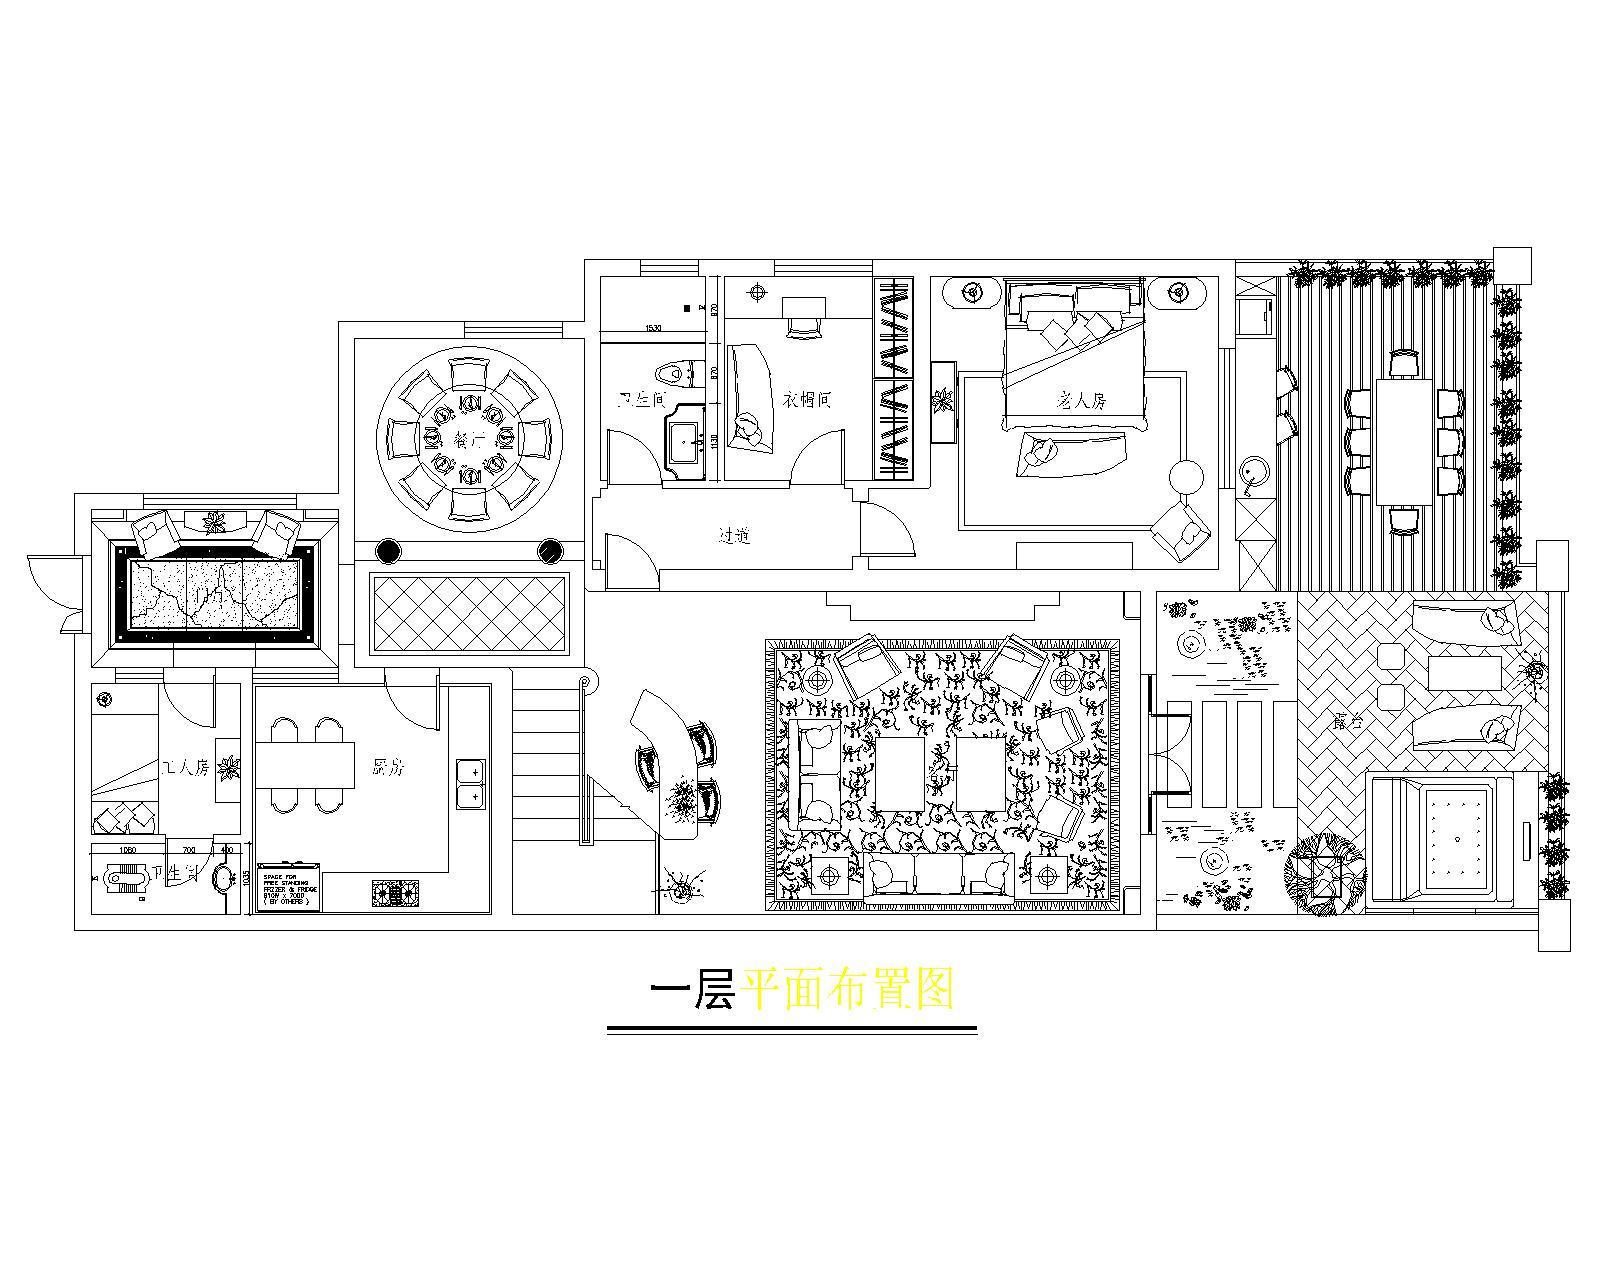 南湖万国260㎡美式性状style装潢成果图装潢策划愿景